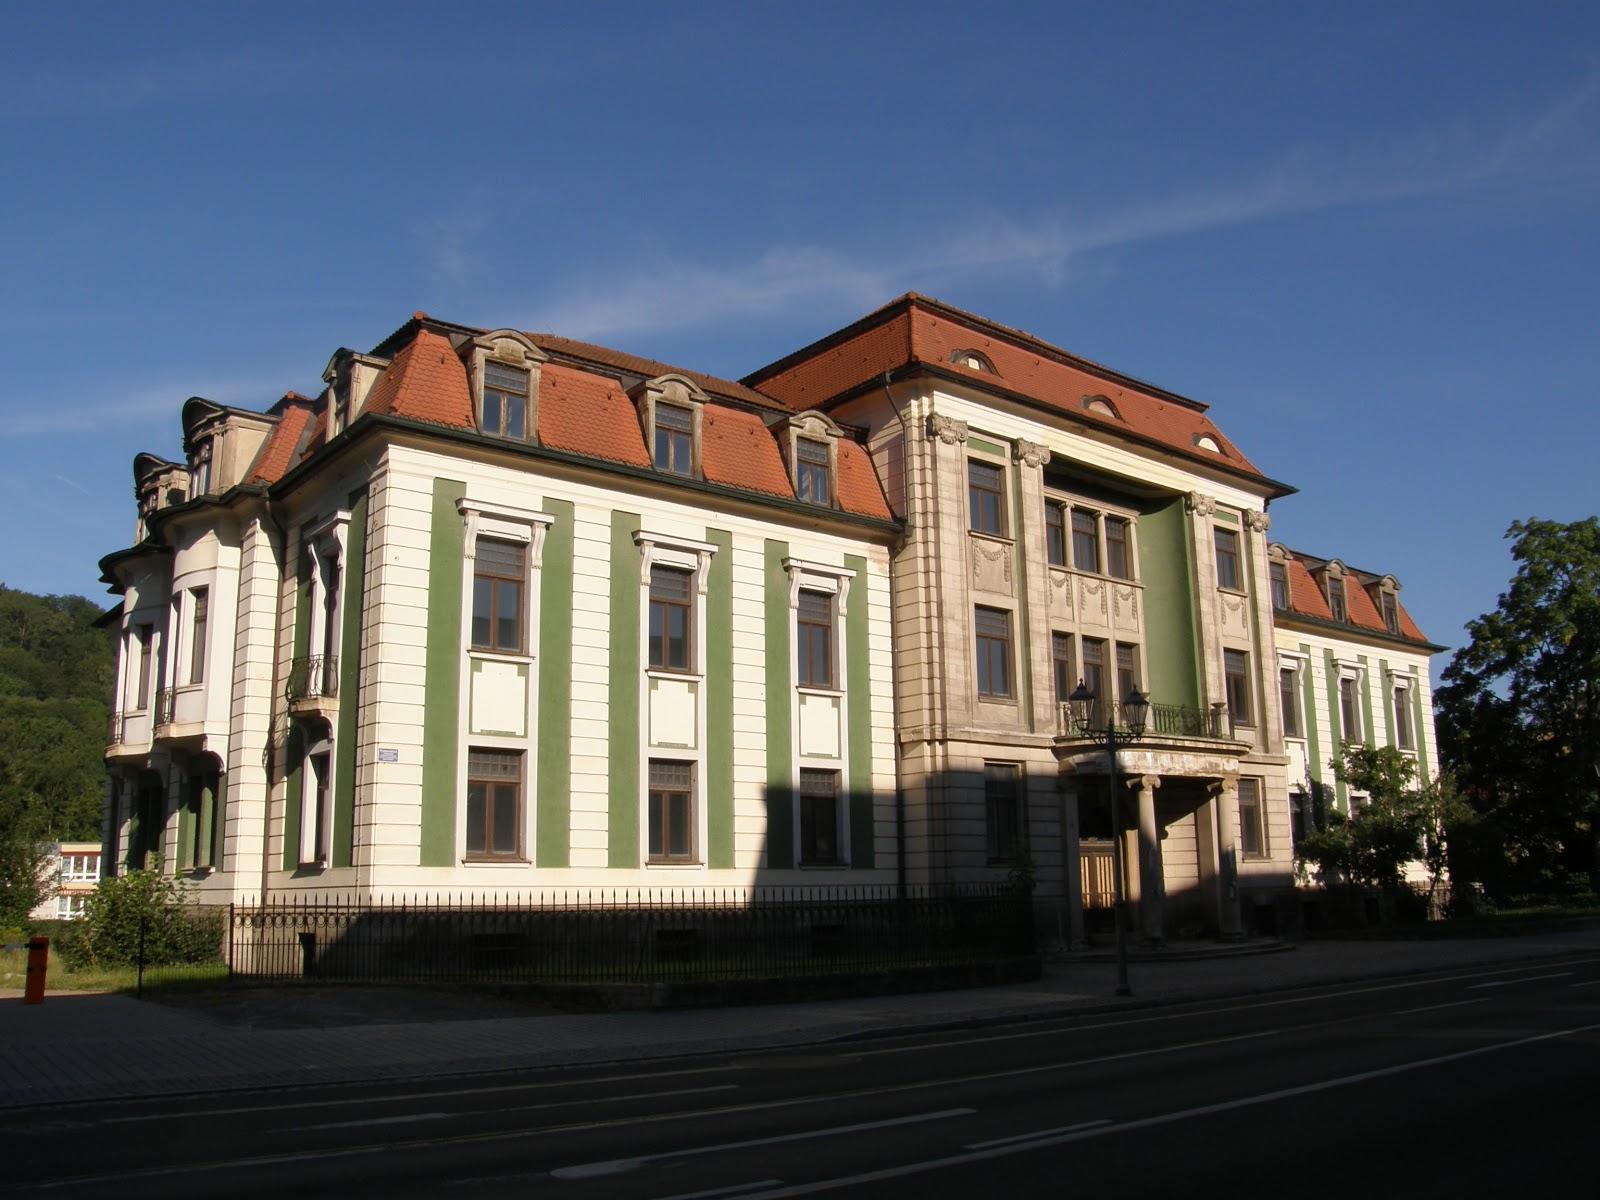 Commerzbank Meiningen